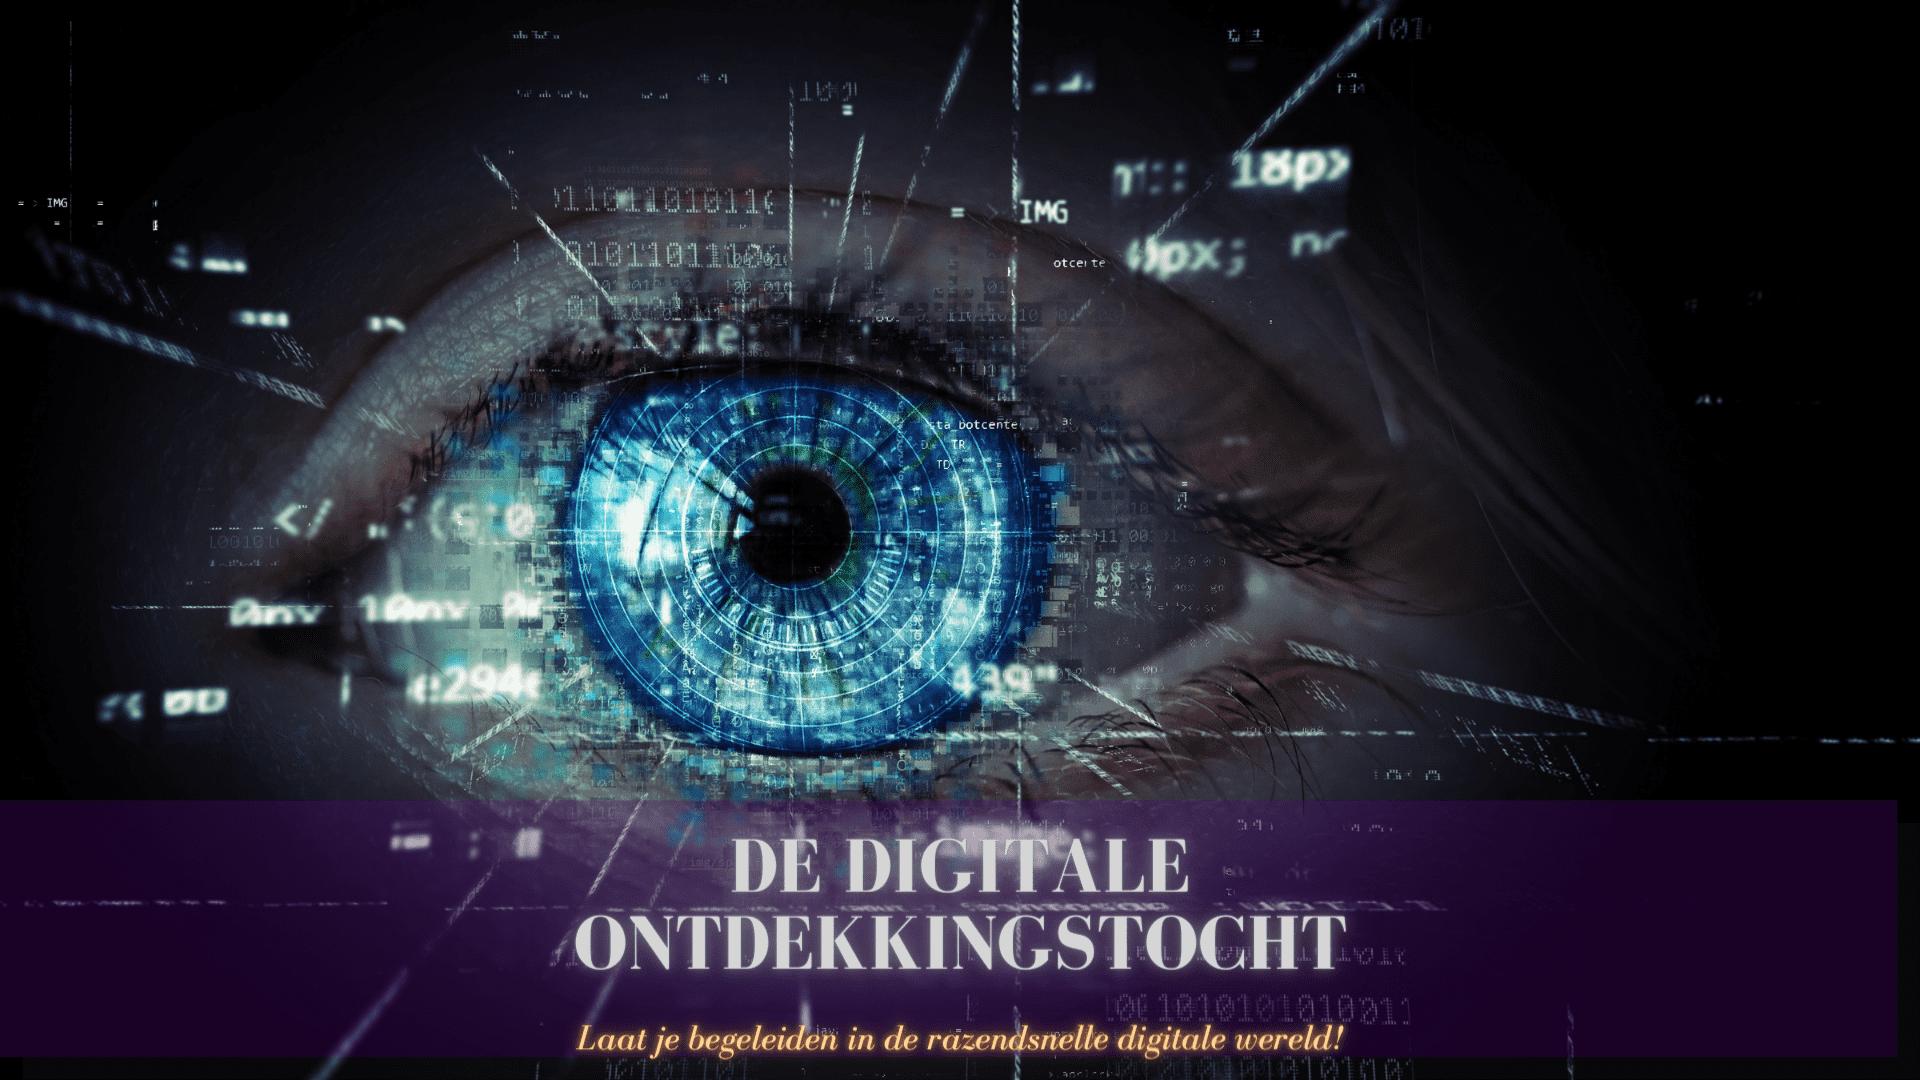 De digitale ontdekkingstocht - Computerhulp@Home